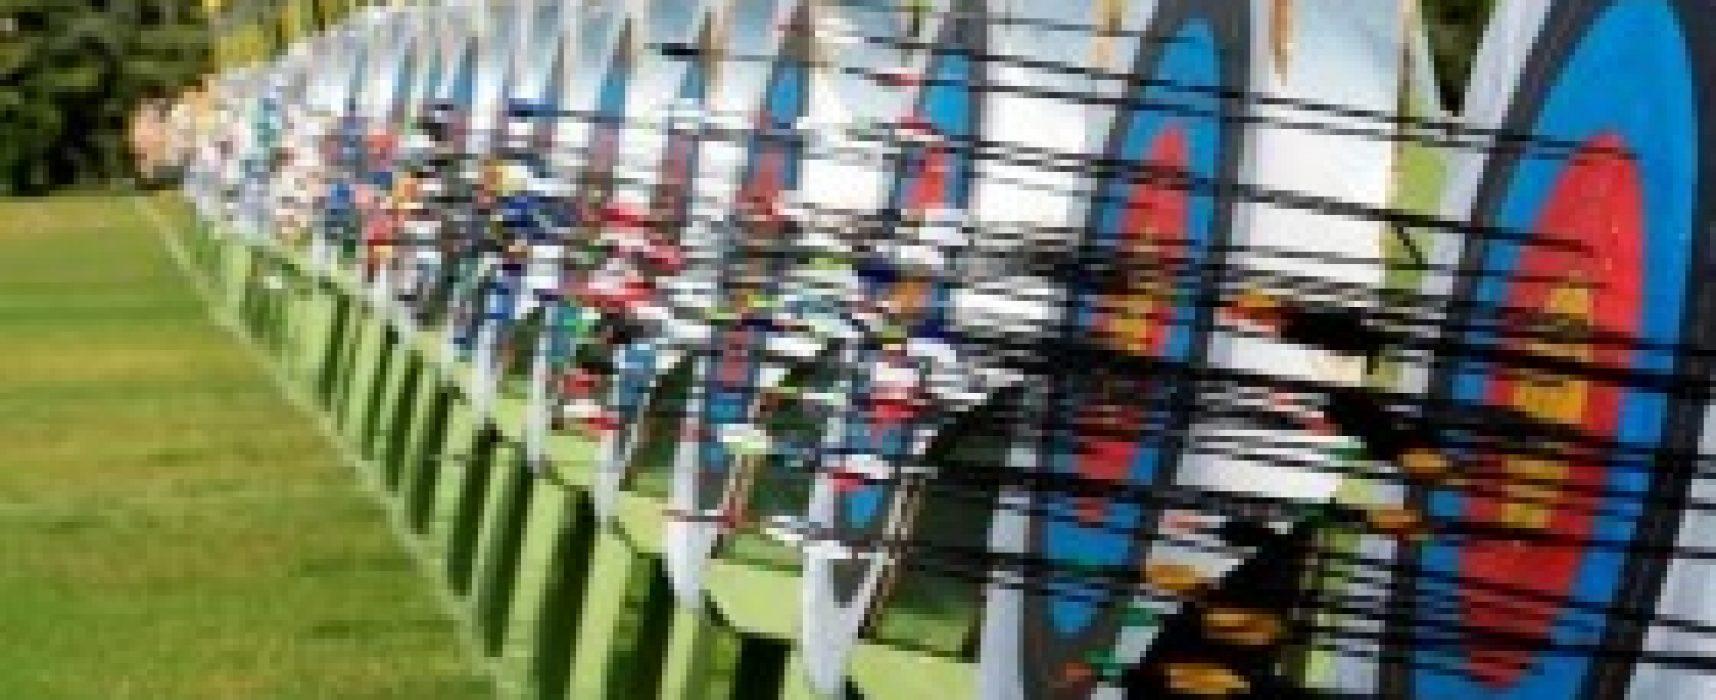 Προκήρυξη Πανελλήνιου Πρωταθλήματος Ανοιχτού Χώρου Παίδων Κορασίδων Ολυμπιακού & Σύνθετου Τόξου ΟΑΚΑ 11 & 12 Ιουλίου